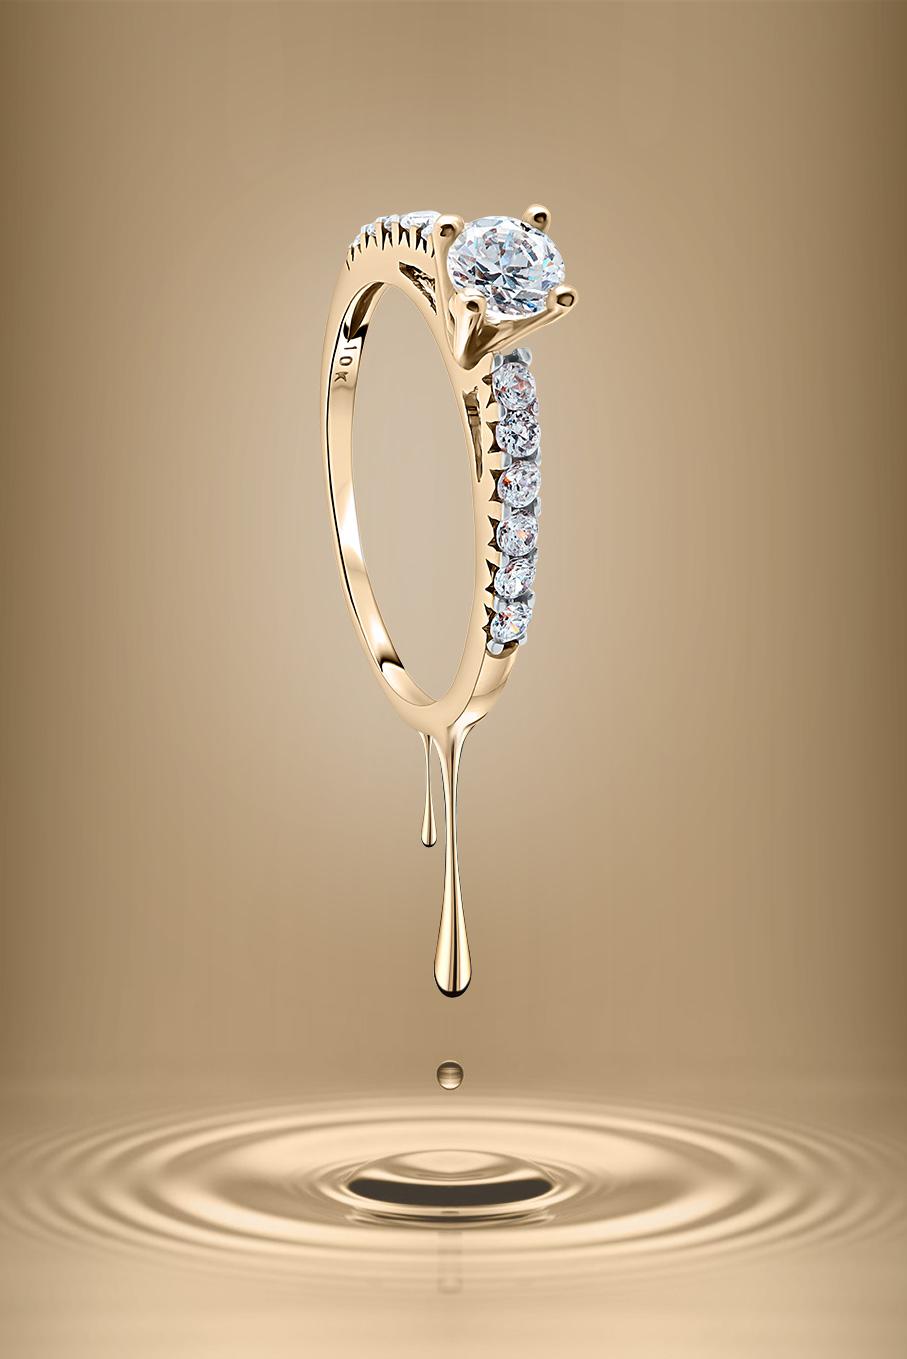 claude belanger, bijoux, photo bijoux,photographe, jewelery, commercial, montreal